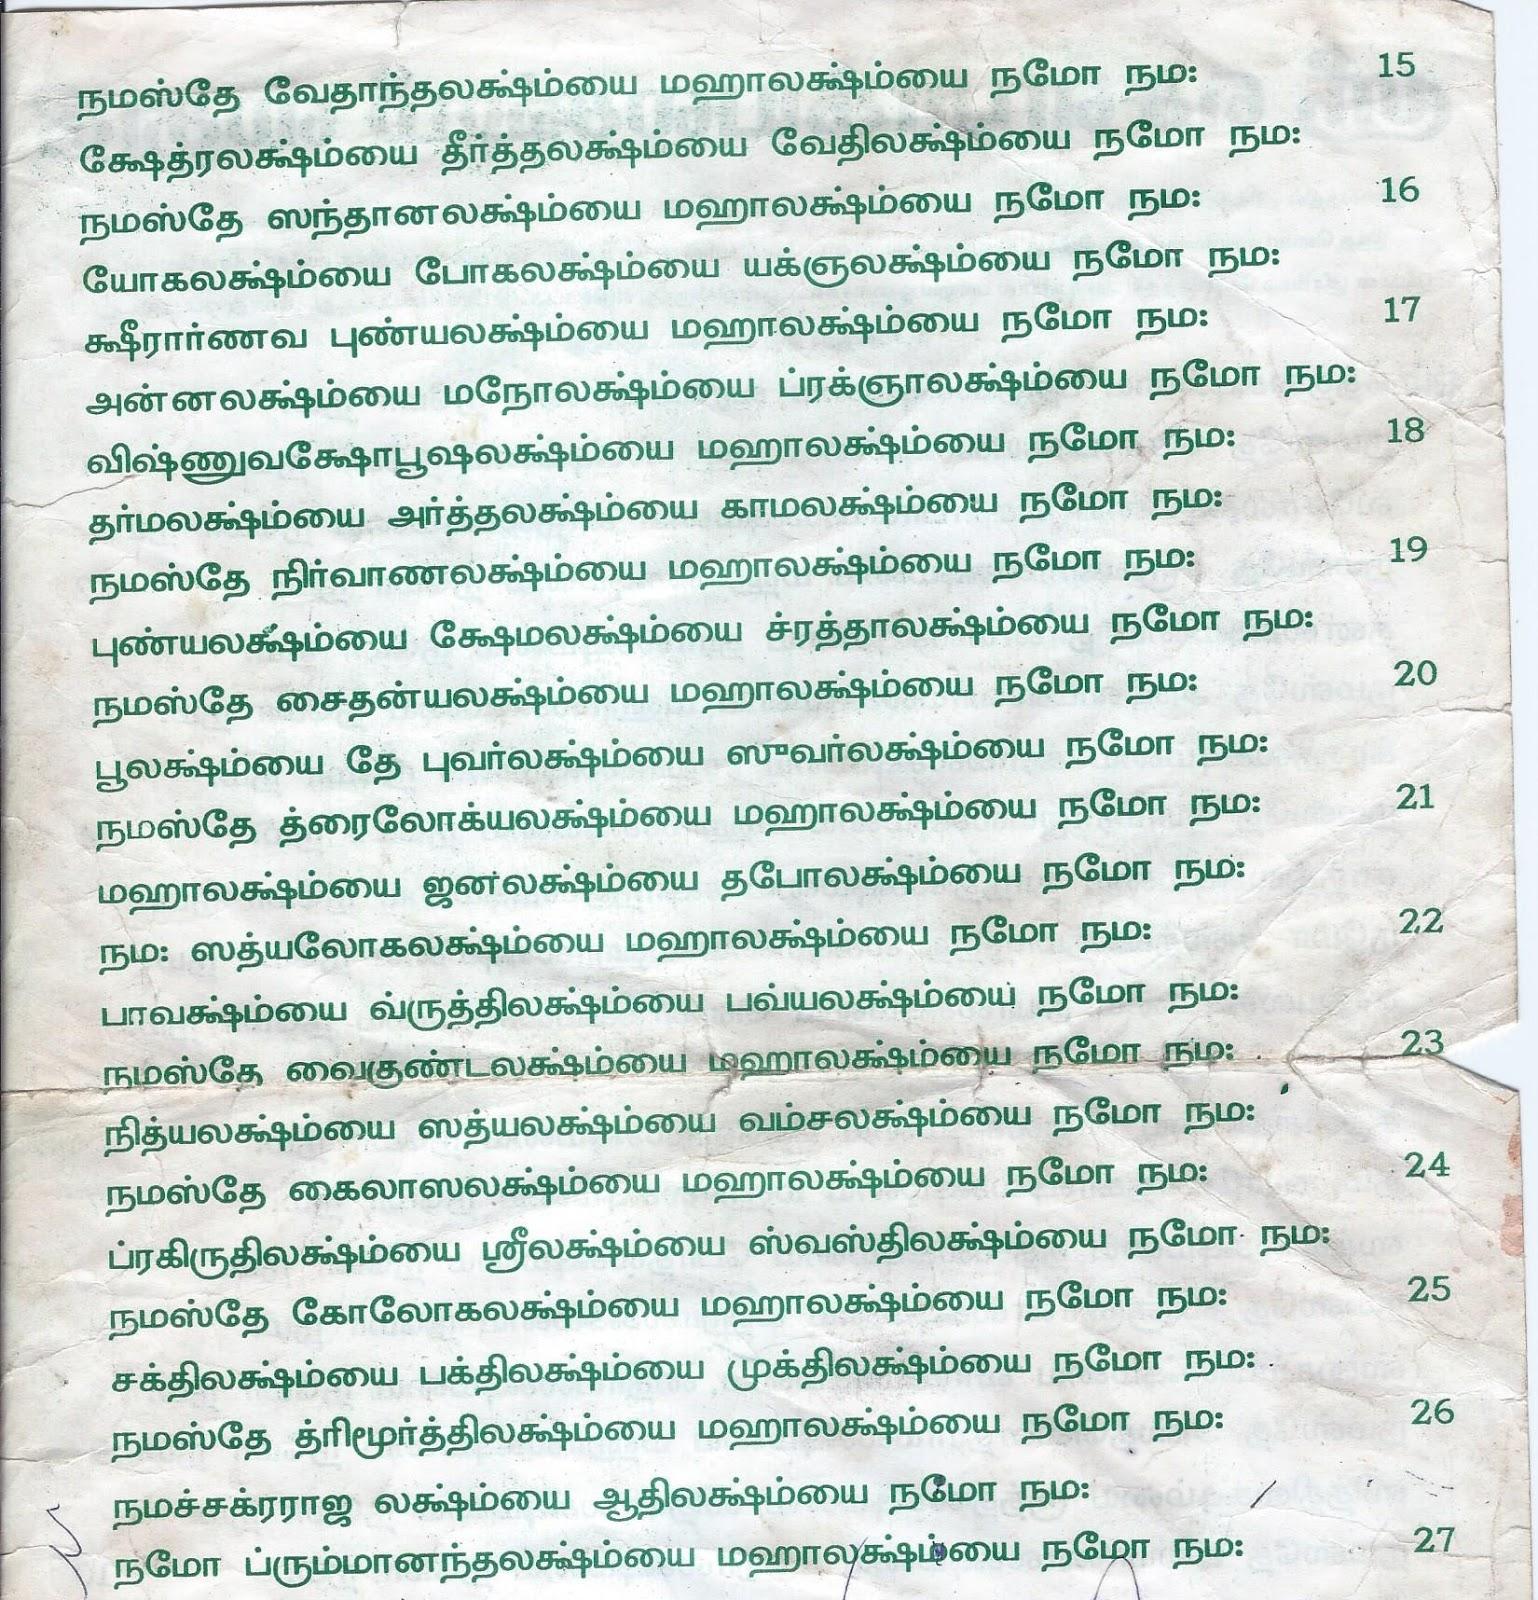 Sri Sowbhagya Lakshmi Sthuthi Sri Gurubyo Namaha